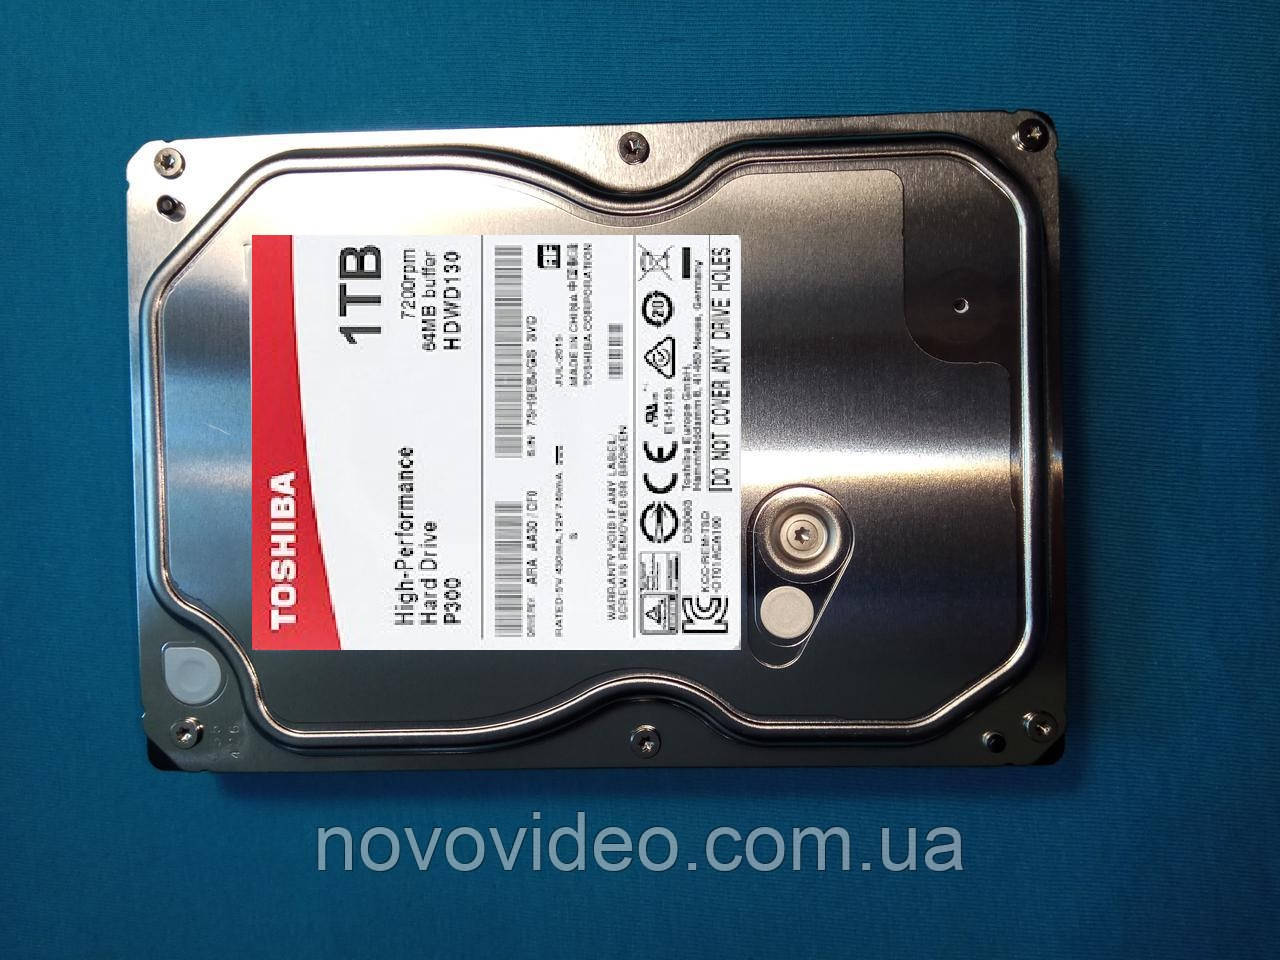 Винчестер жесткий диск для массового применения HDD SATA-3 1 Тб TOSHIBA (HDWD110UZSVA)